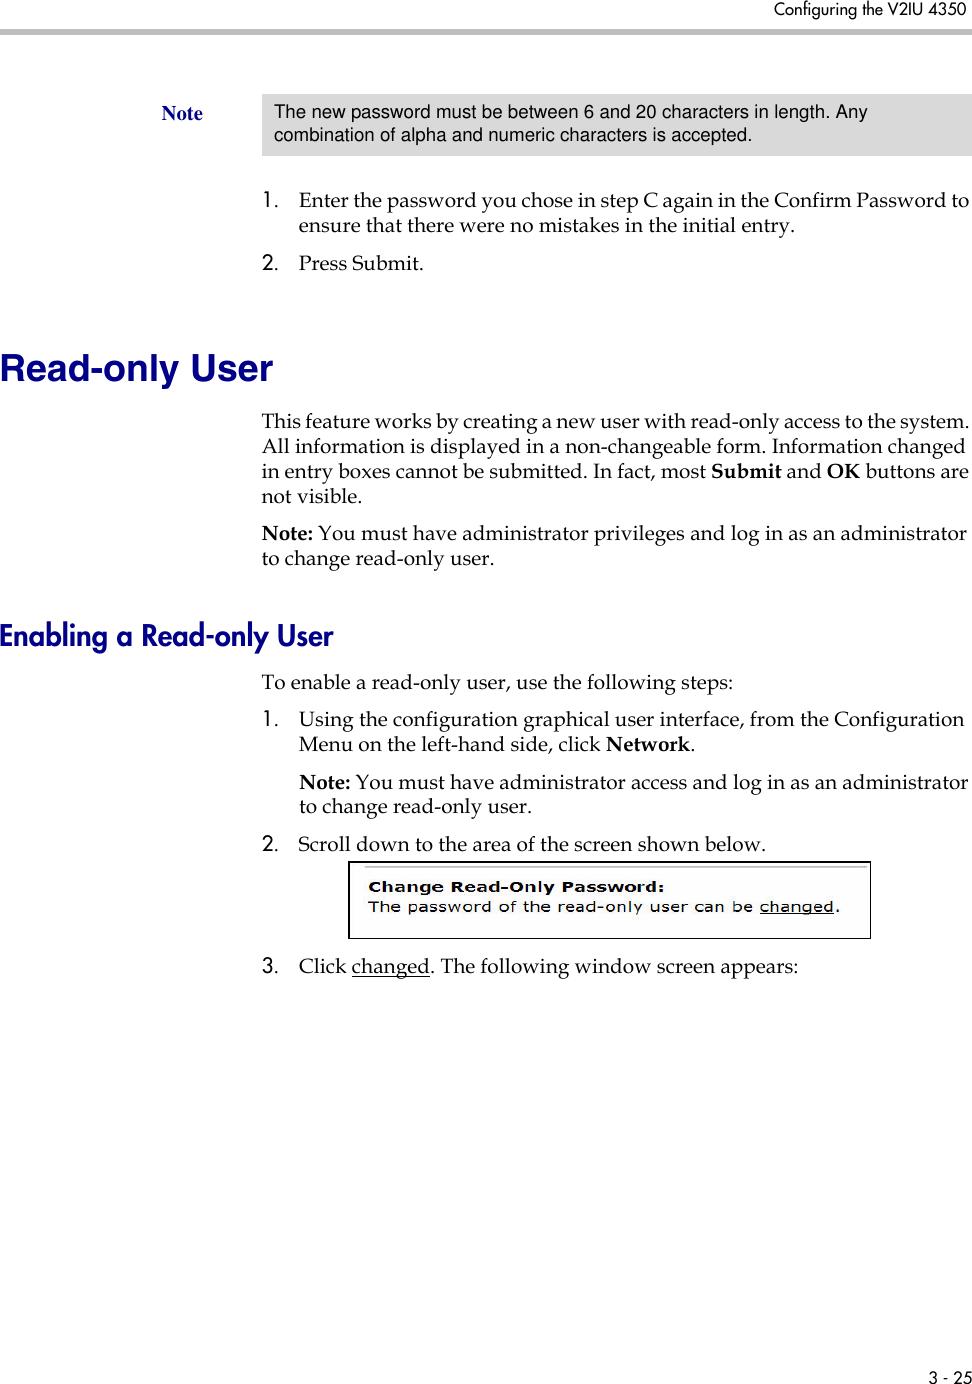 Polycom V2Iu 4350 Users Manual User Guide, V7 2 2